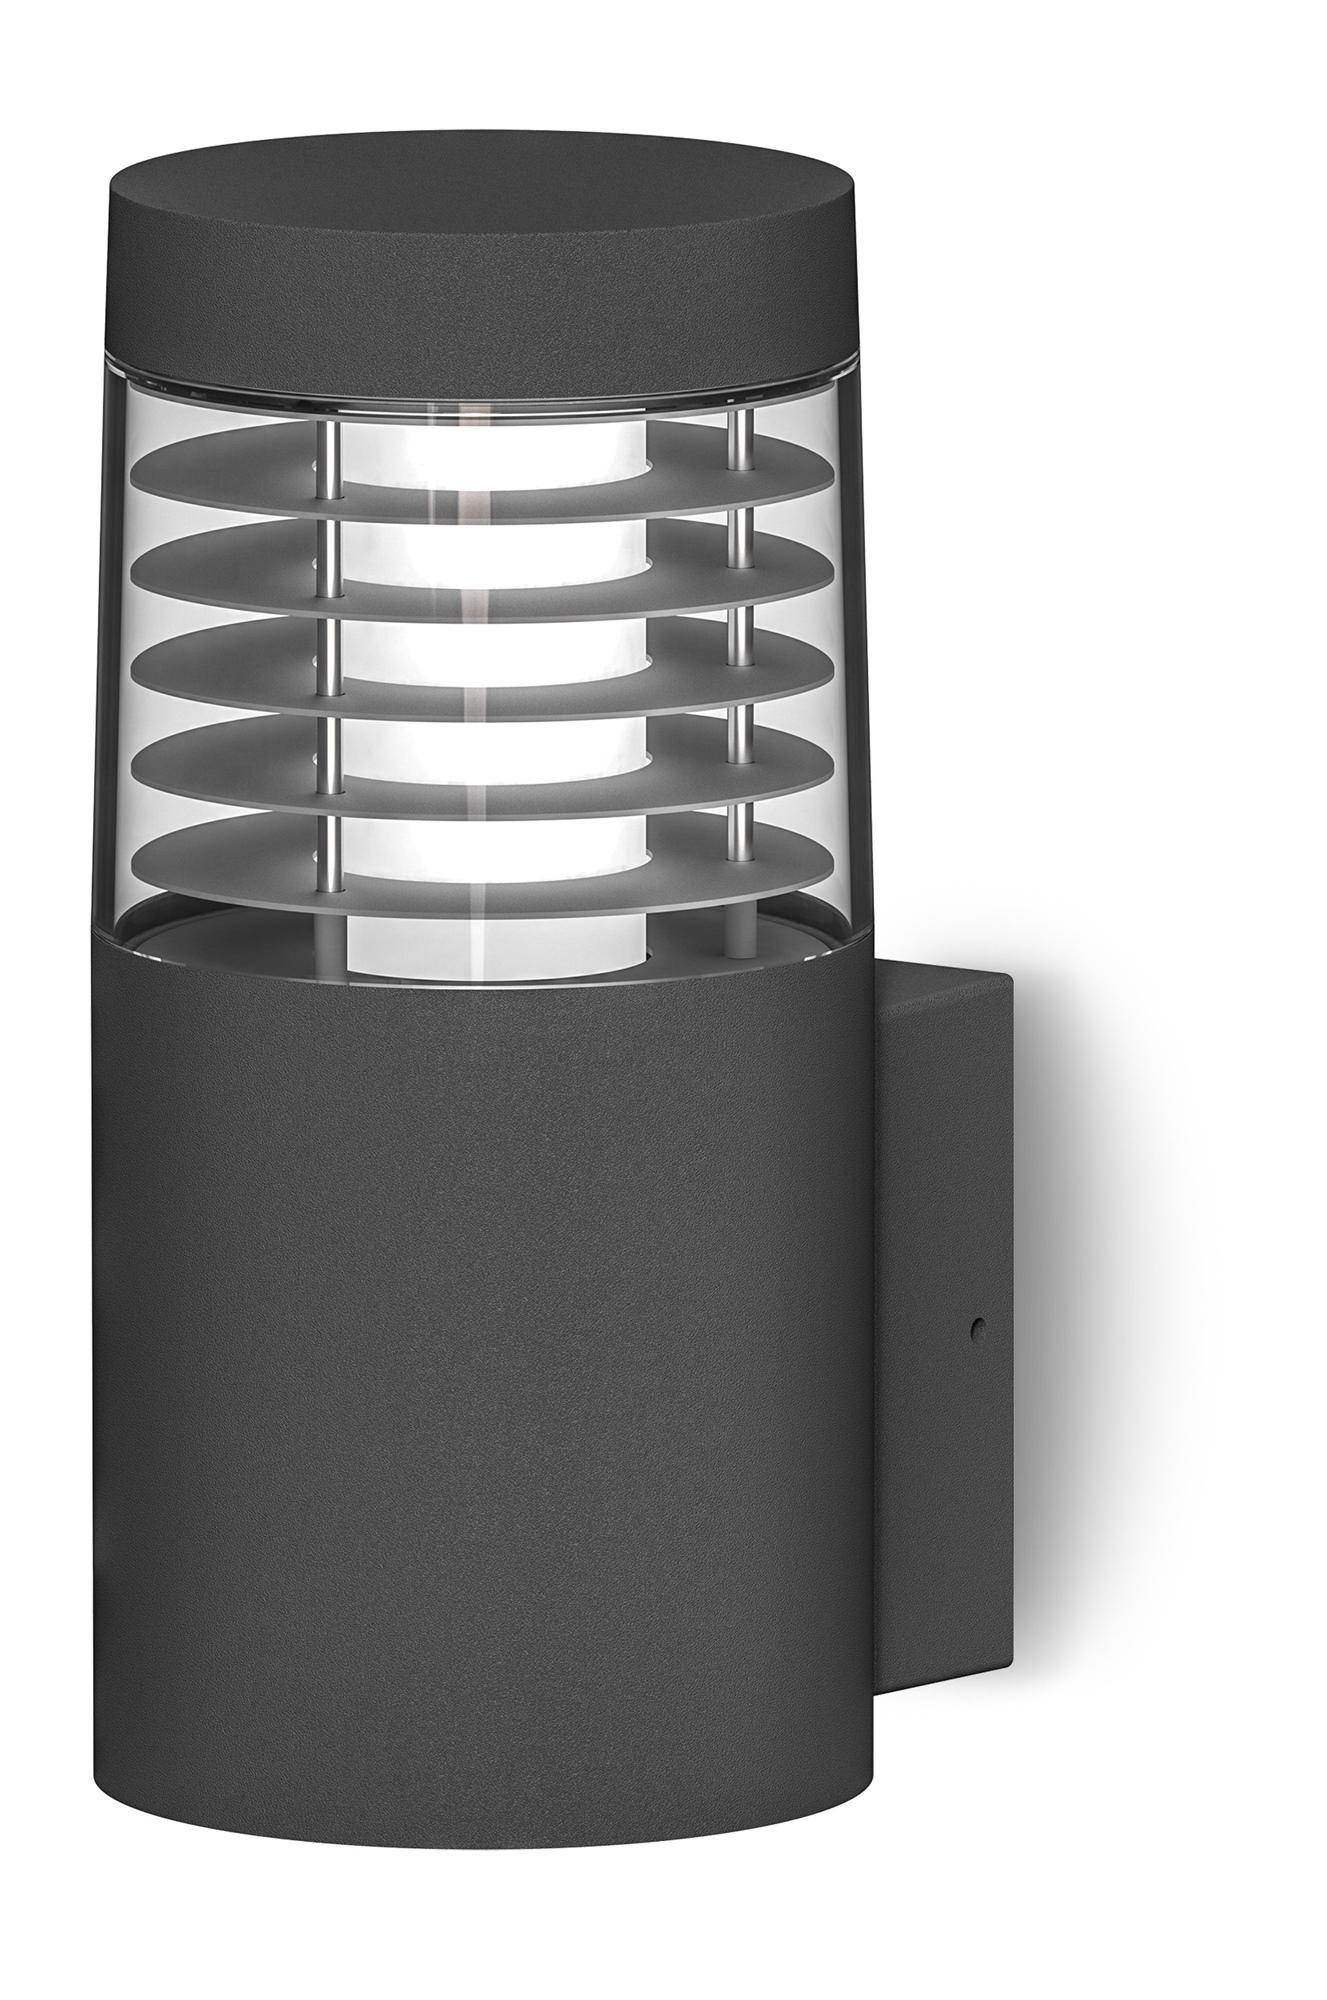 Lampenlux Außenleuchte Wandlampe Leonela Aluminium Schwarz 600lm 8W LED 3000K IP54